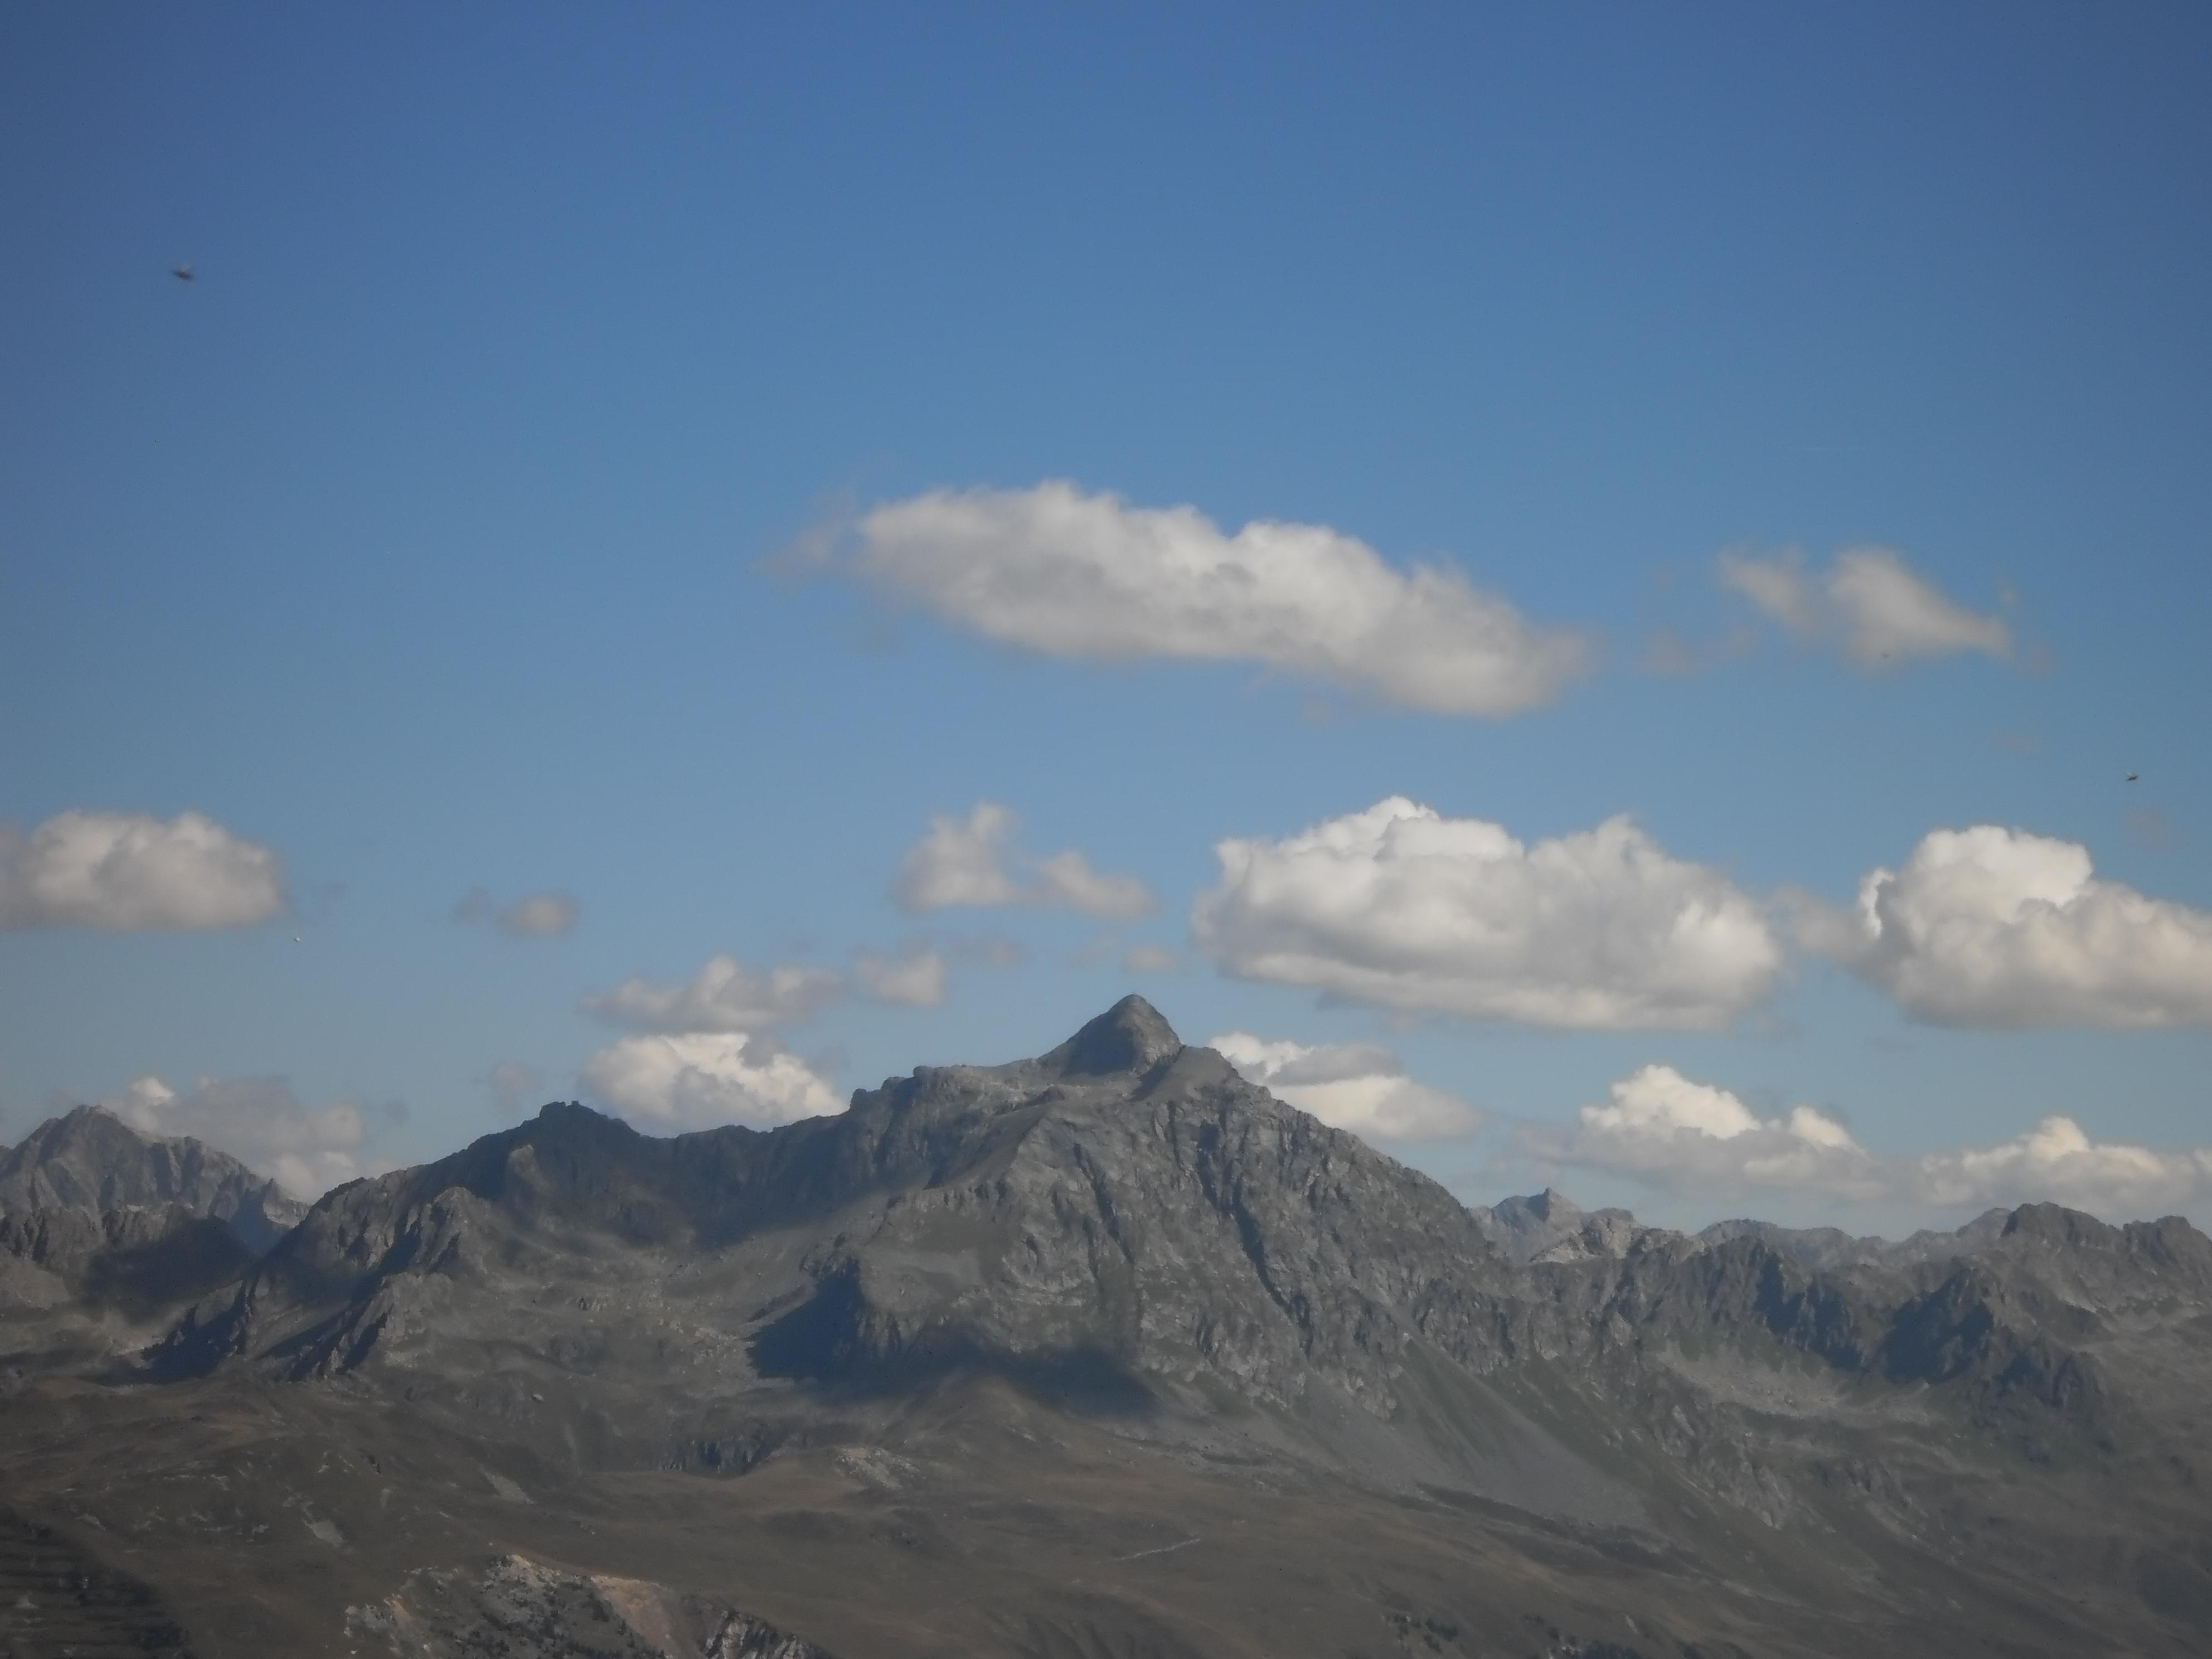 Klettersteig Quarzit Wand Burg Laudeck : Klettersteig burg rechberg u kreis göppingen mannis fotobude